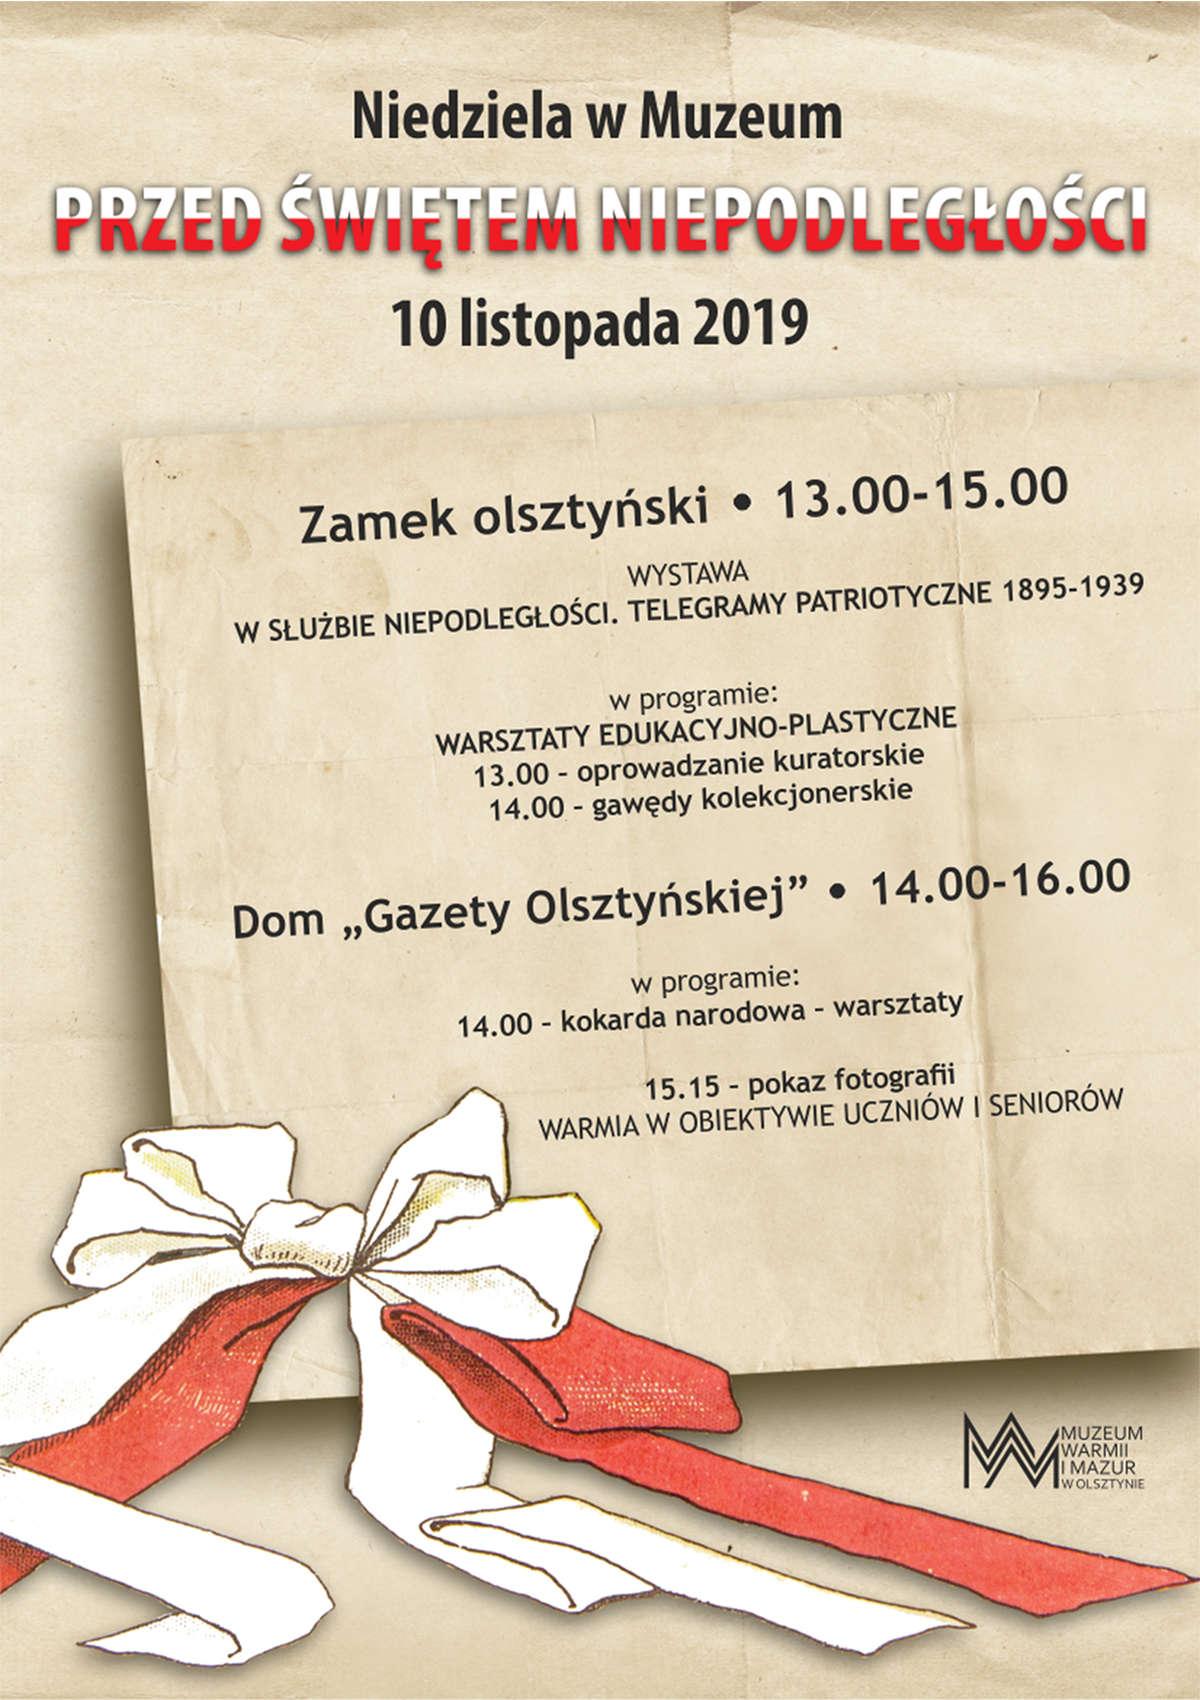 Niedziela w Muzeum przed Świętem Niepodległości  - full image